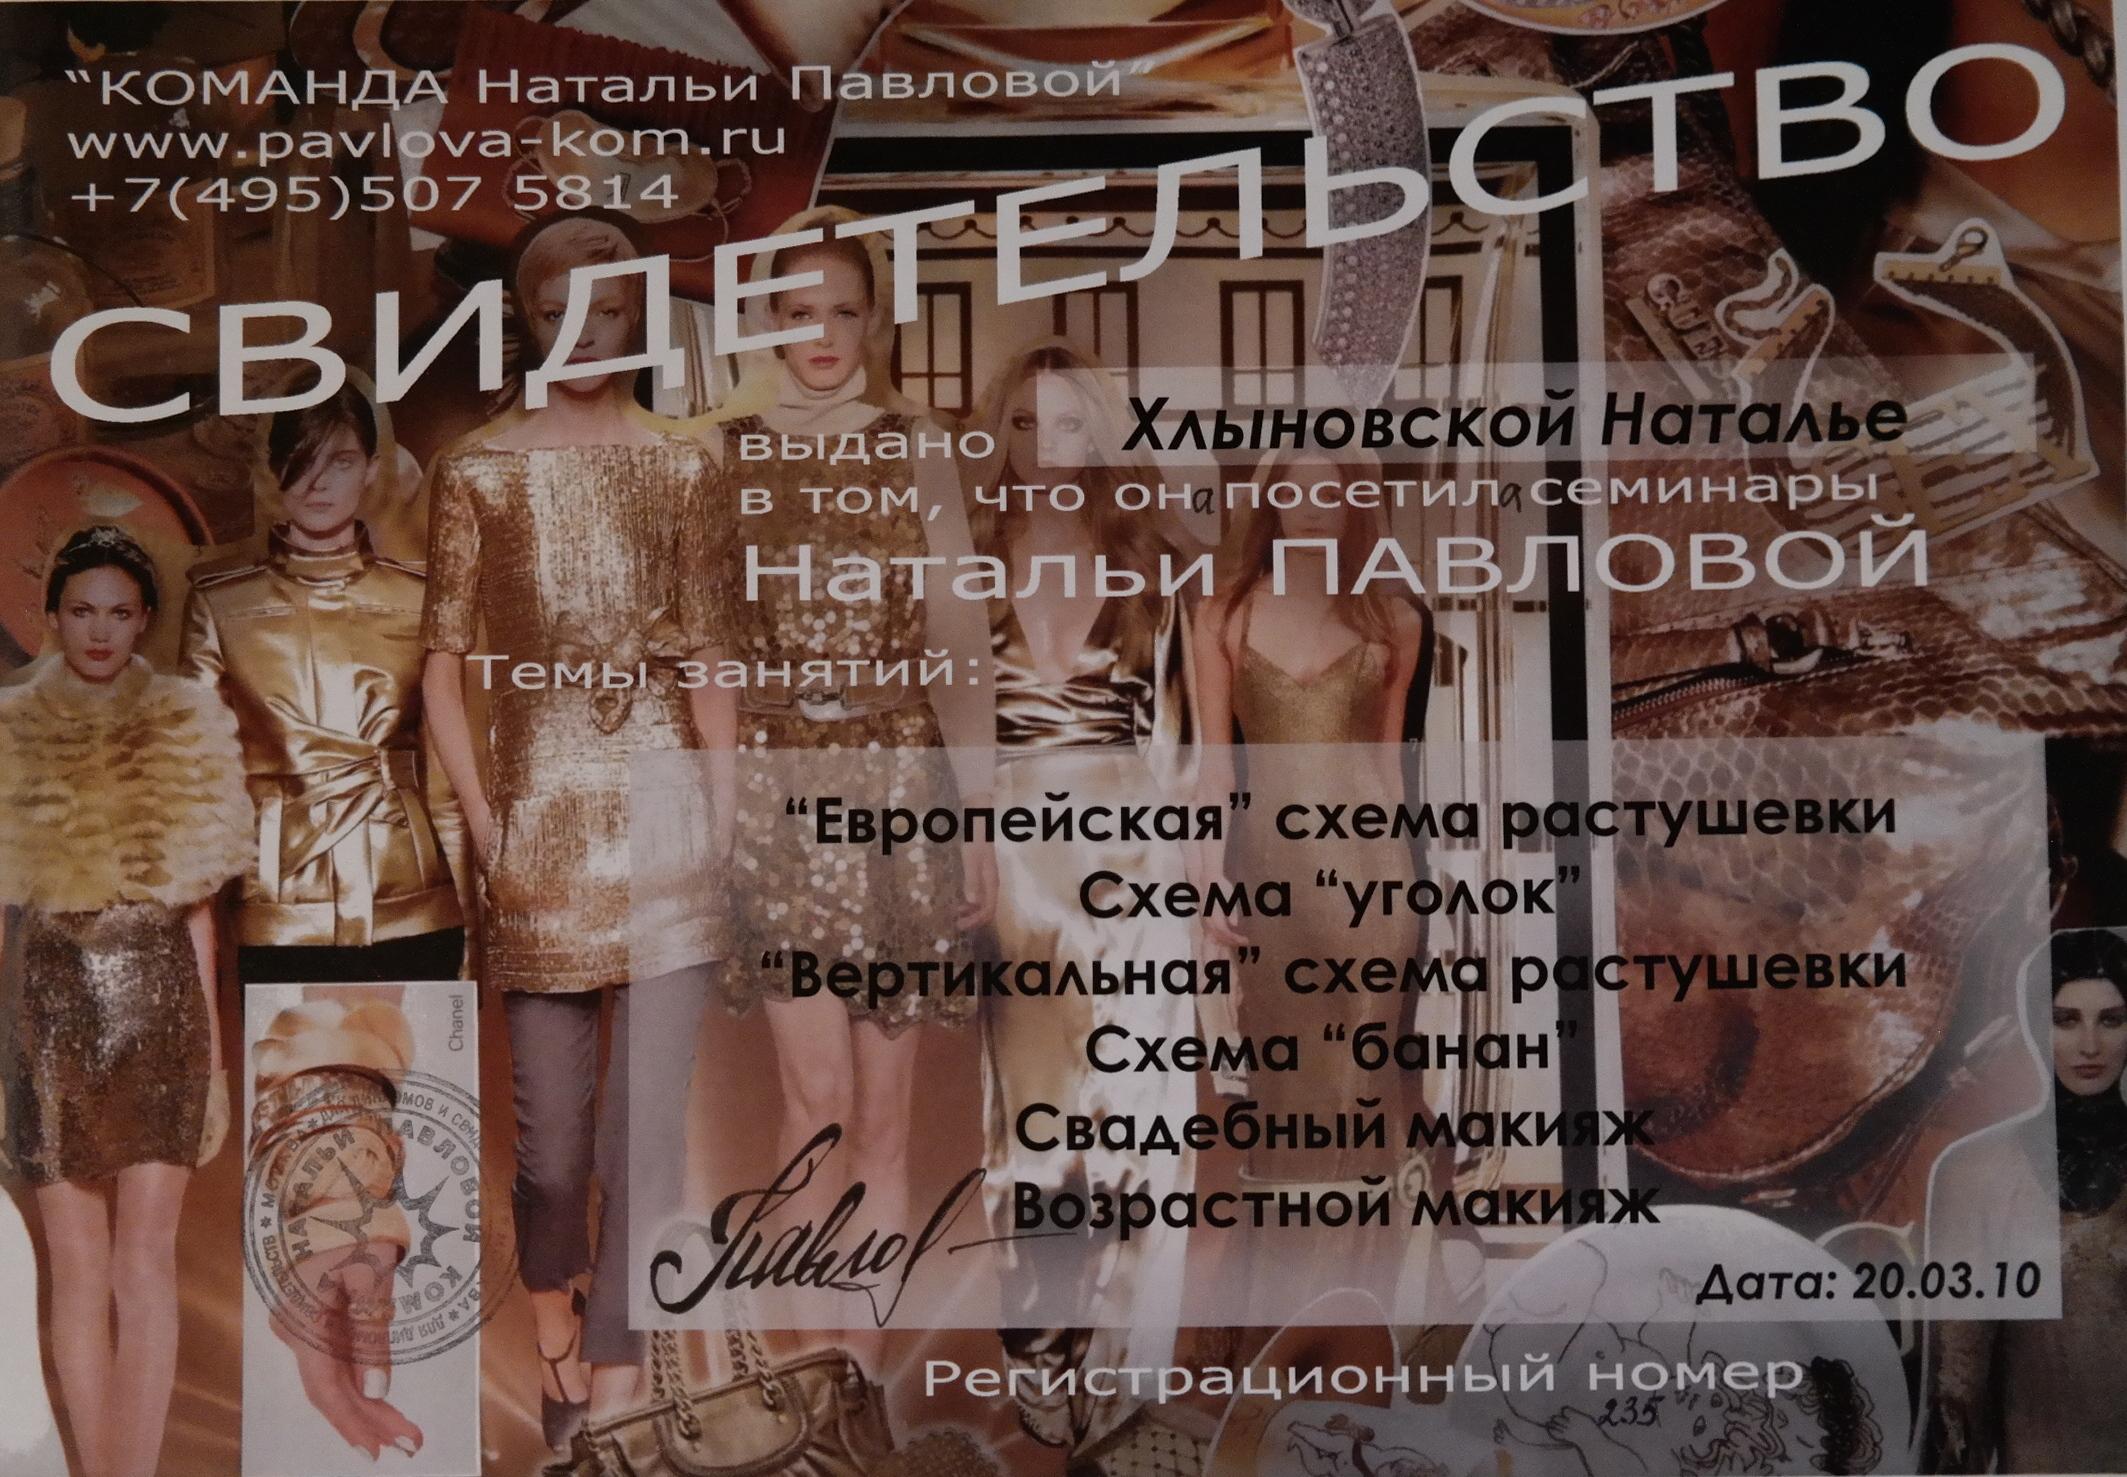 2010г Сертификат -Схемы макияжа